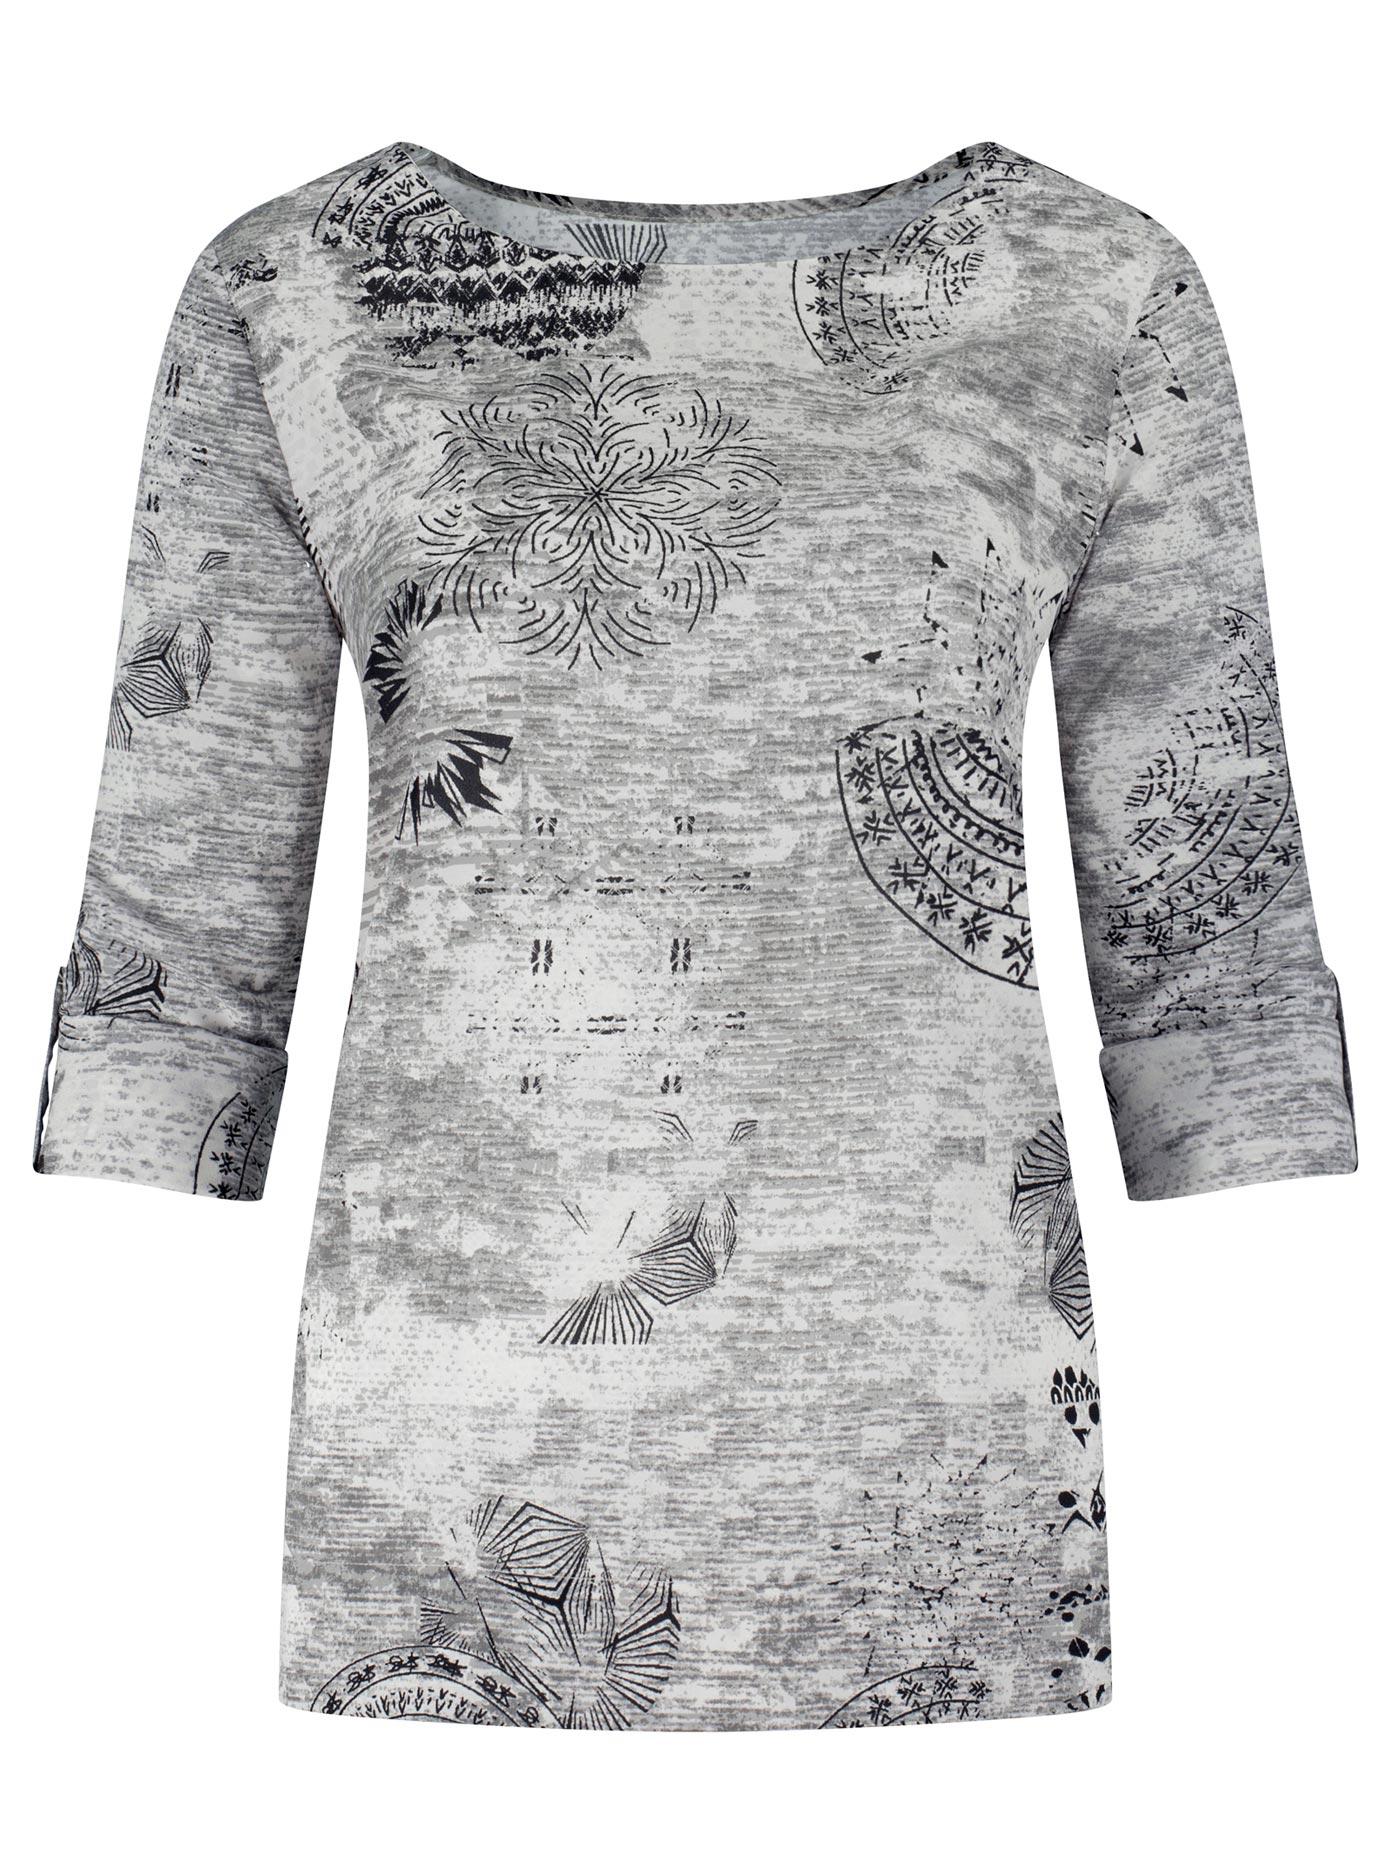 Ambria Bluse mit modischem Print